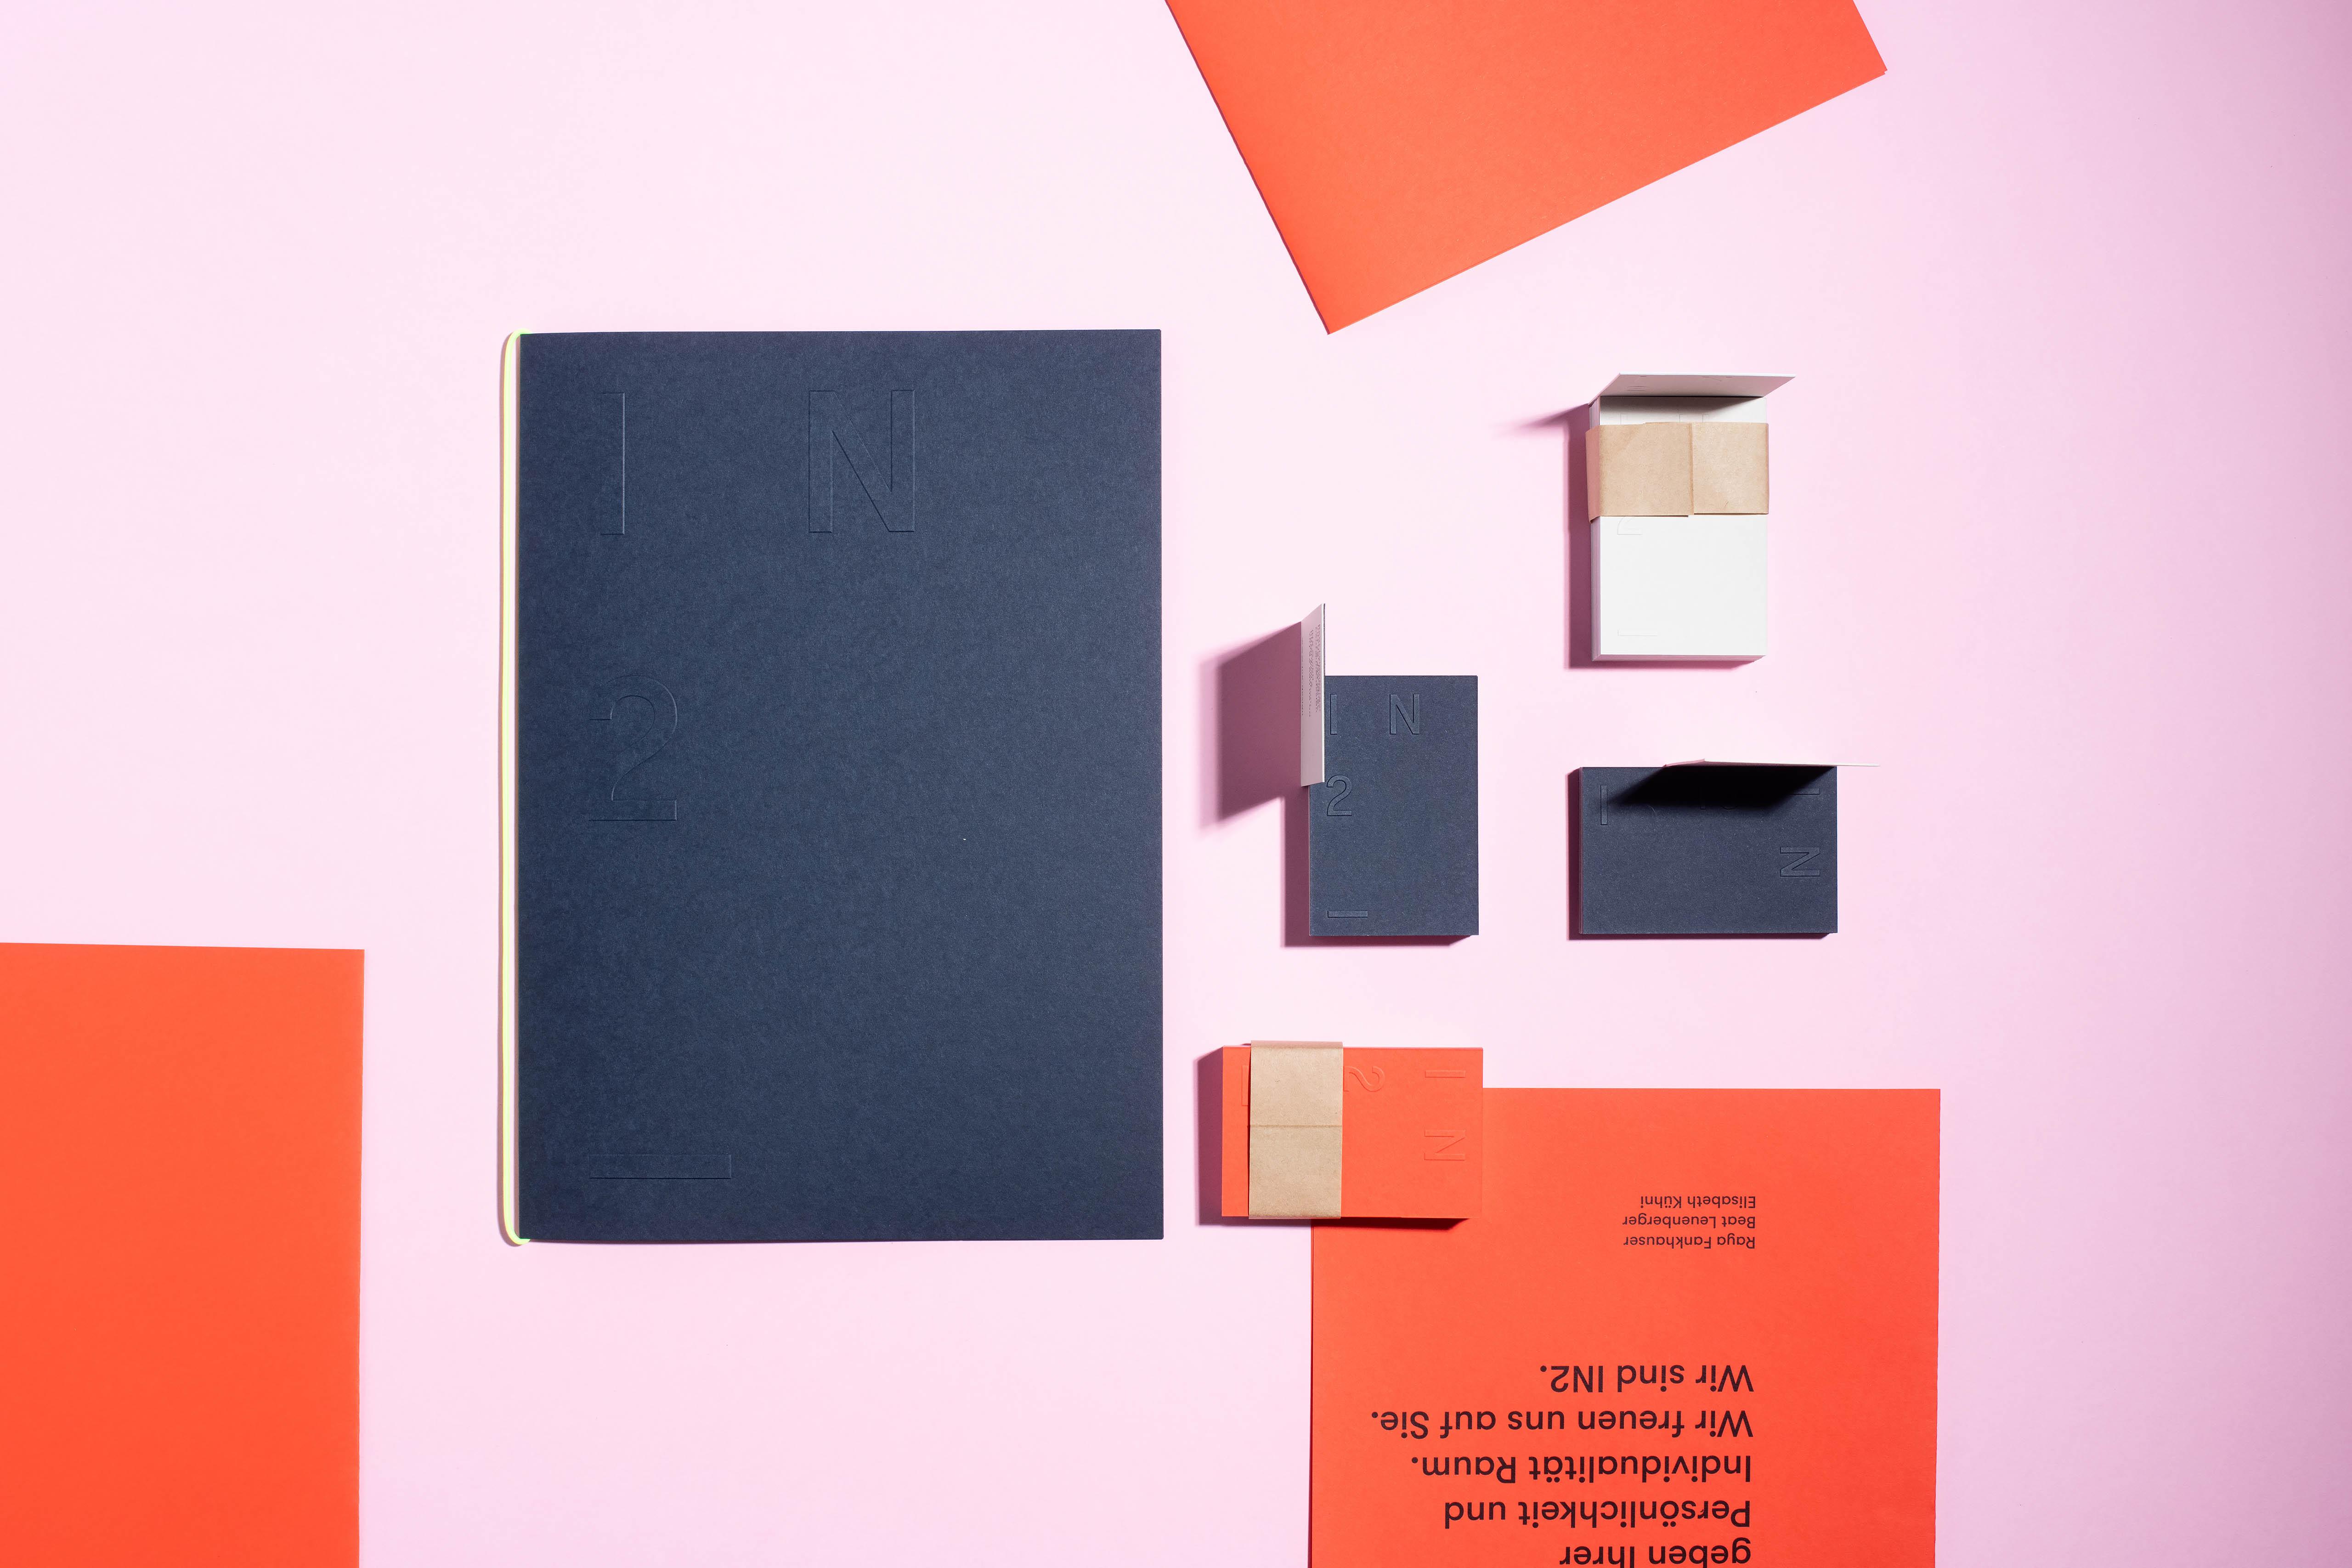 Melanie Brandel, Grafikdesign, Bern, Solothurn, Branding, Corporate Design, Webdesign, Briefschaften, In2 GmbH, Innenarchitektur Solothurn